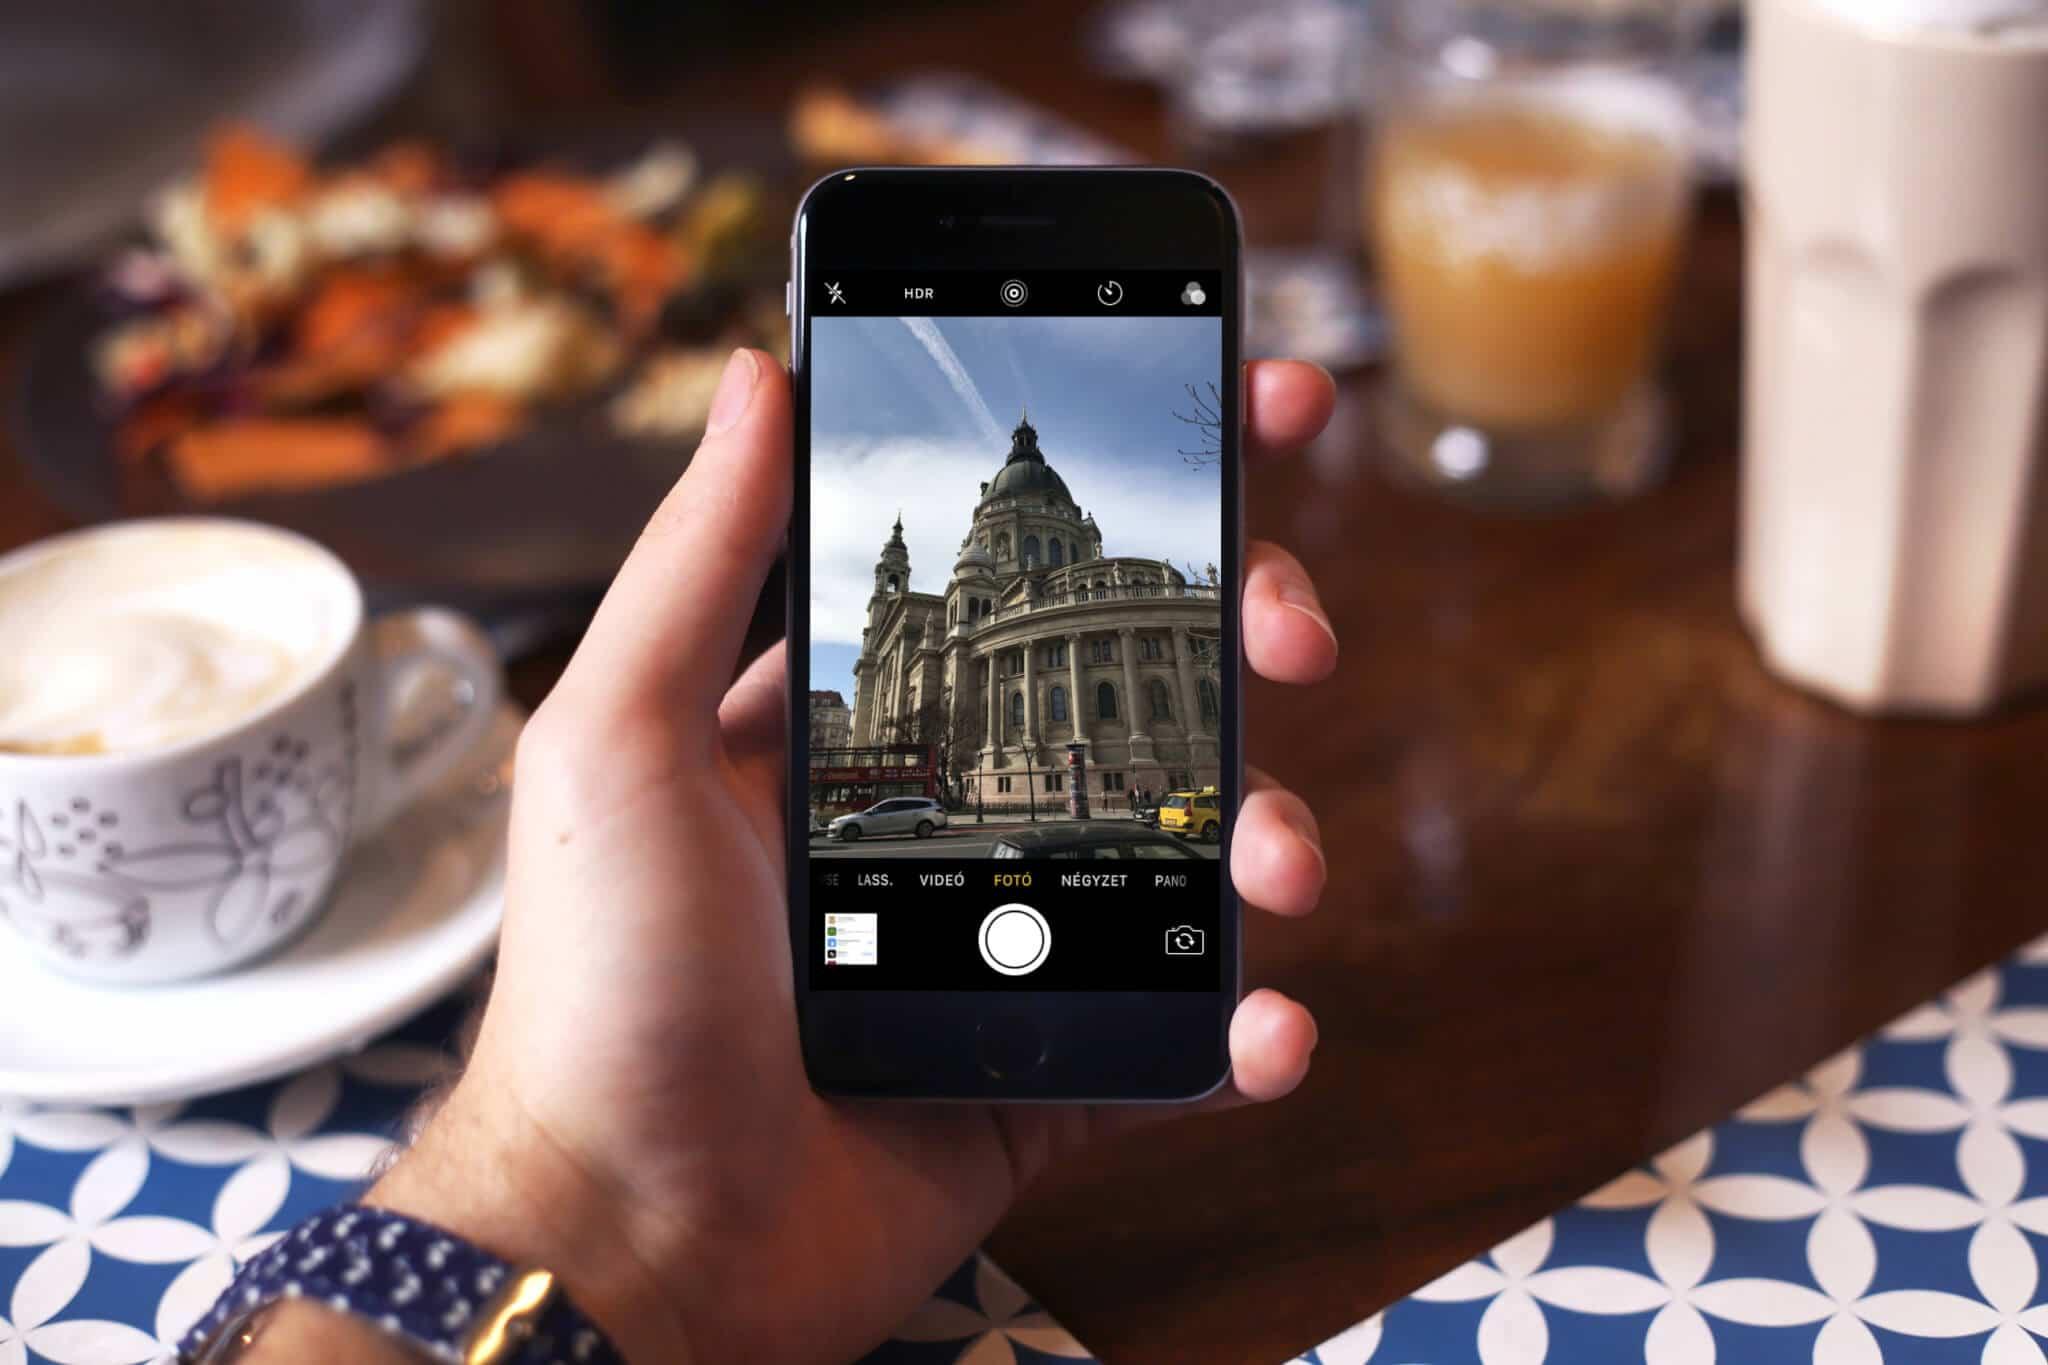 Tech: Ingyen letöltheti a legjobb Photoshop alkalmazást | abisa.hu